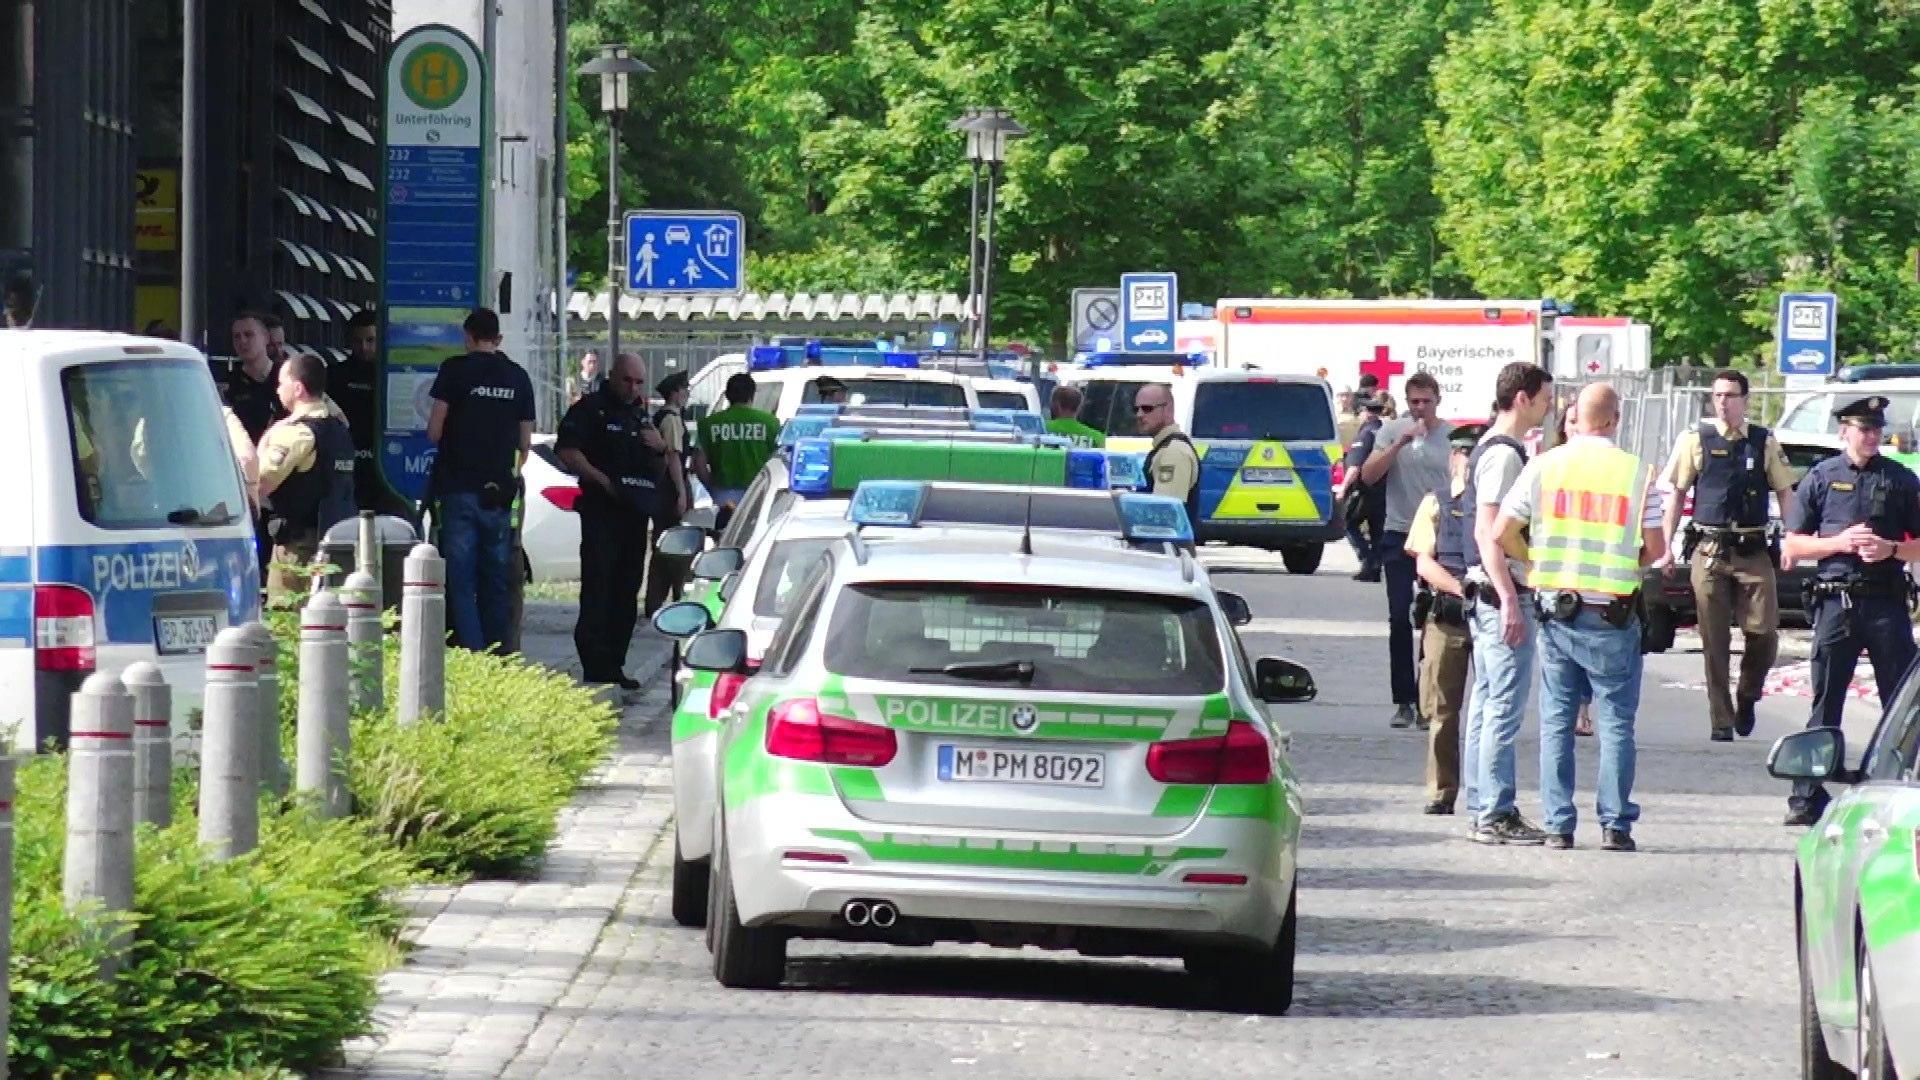 Spari in metro a Monaco, almeno 4 feriti: grave una poliziotta